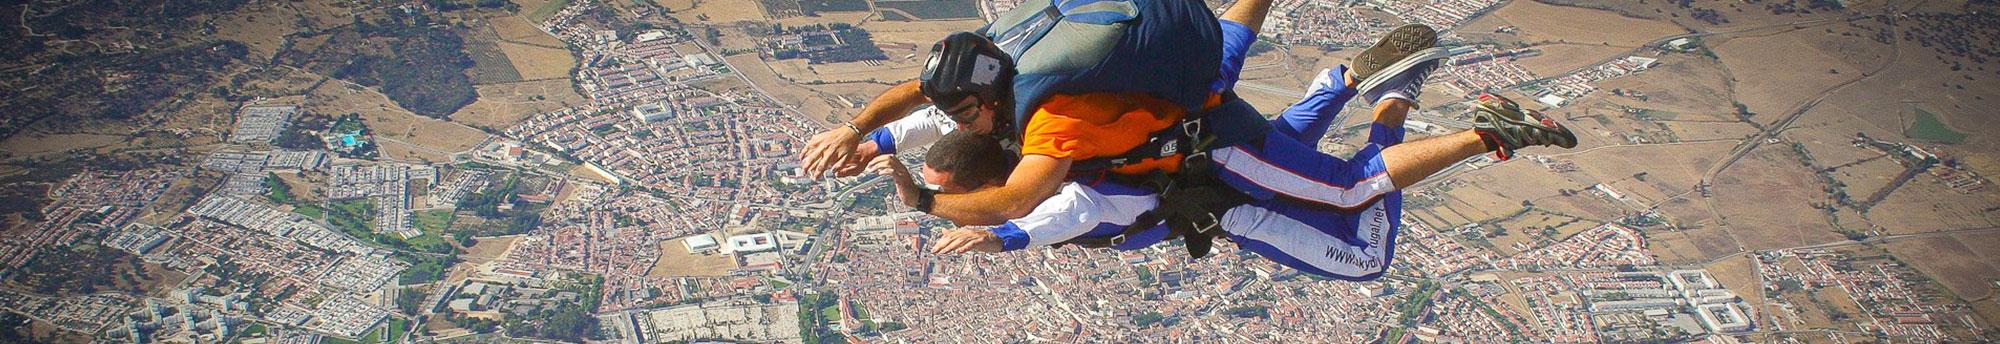 Skydive Portugal - Évora